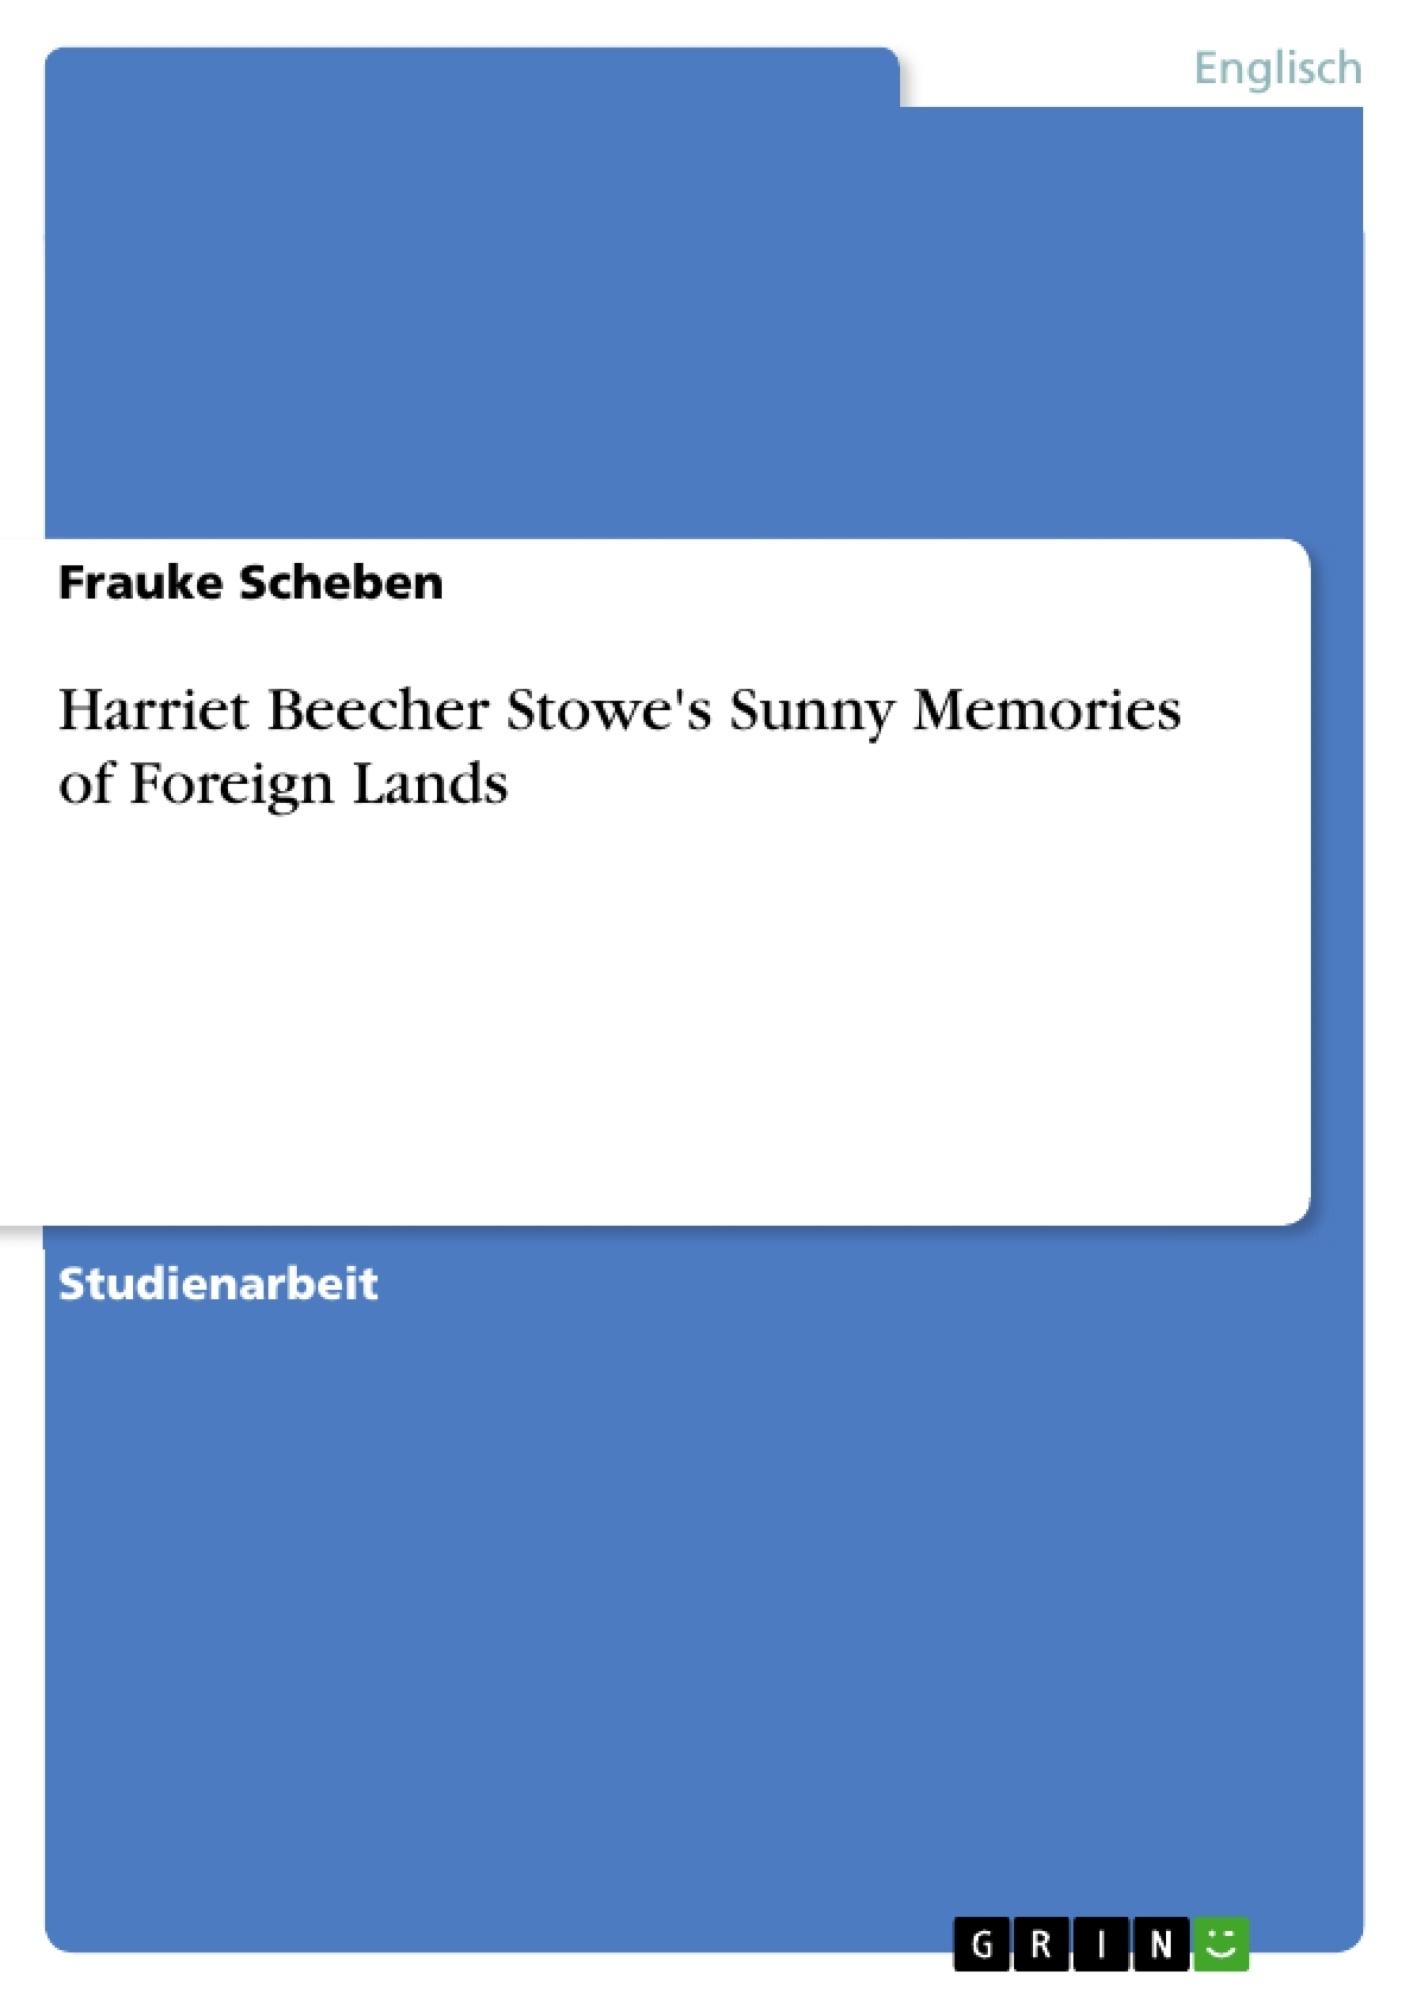 Titel: Harriet Beecher Stowe's Sunny Memories of Foreign Lands